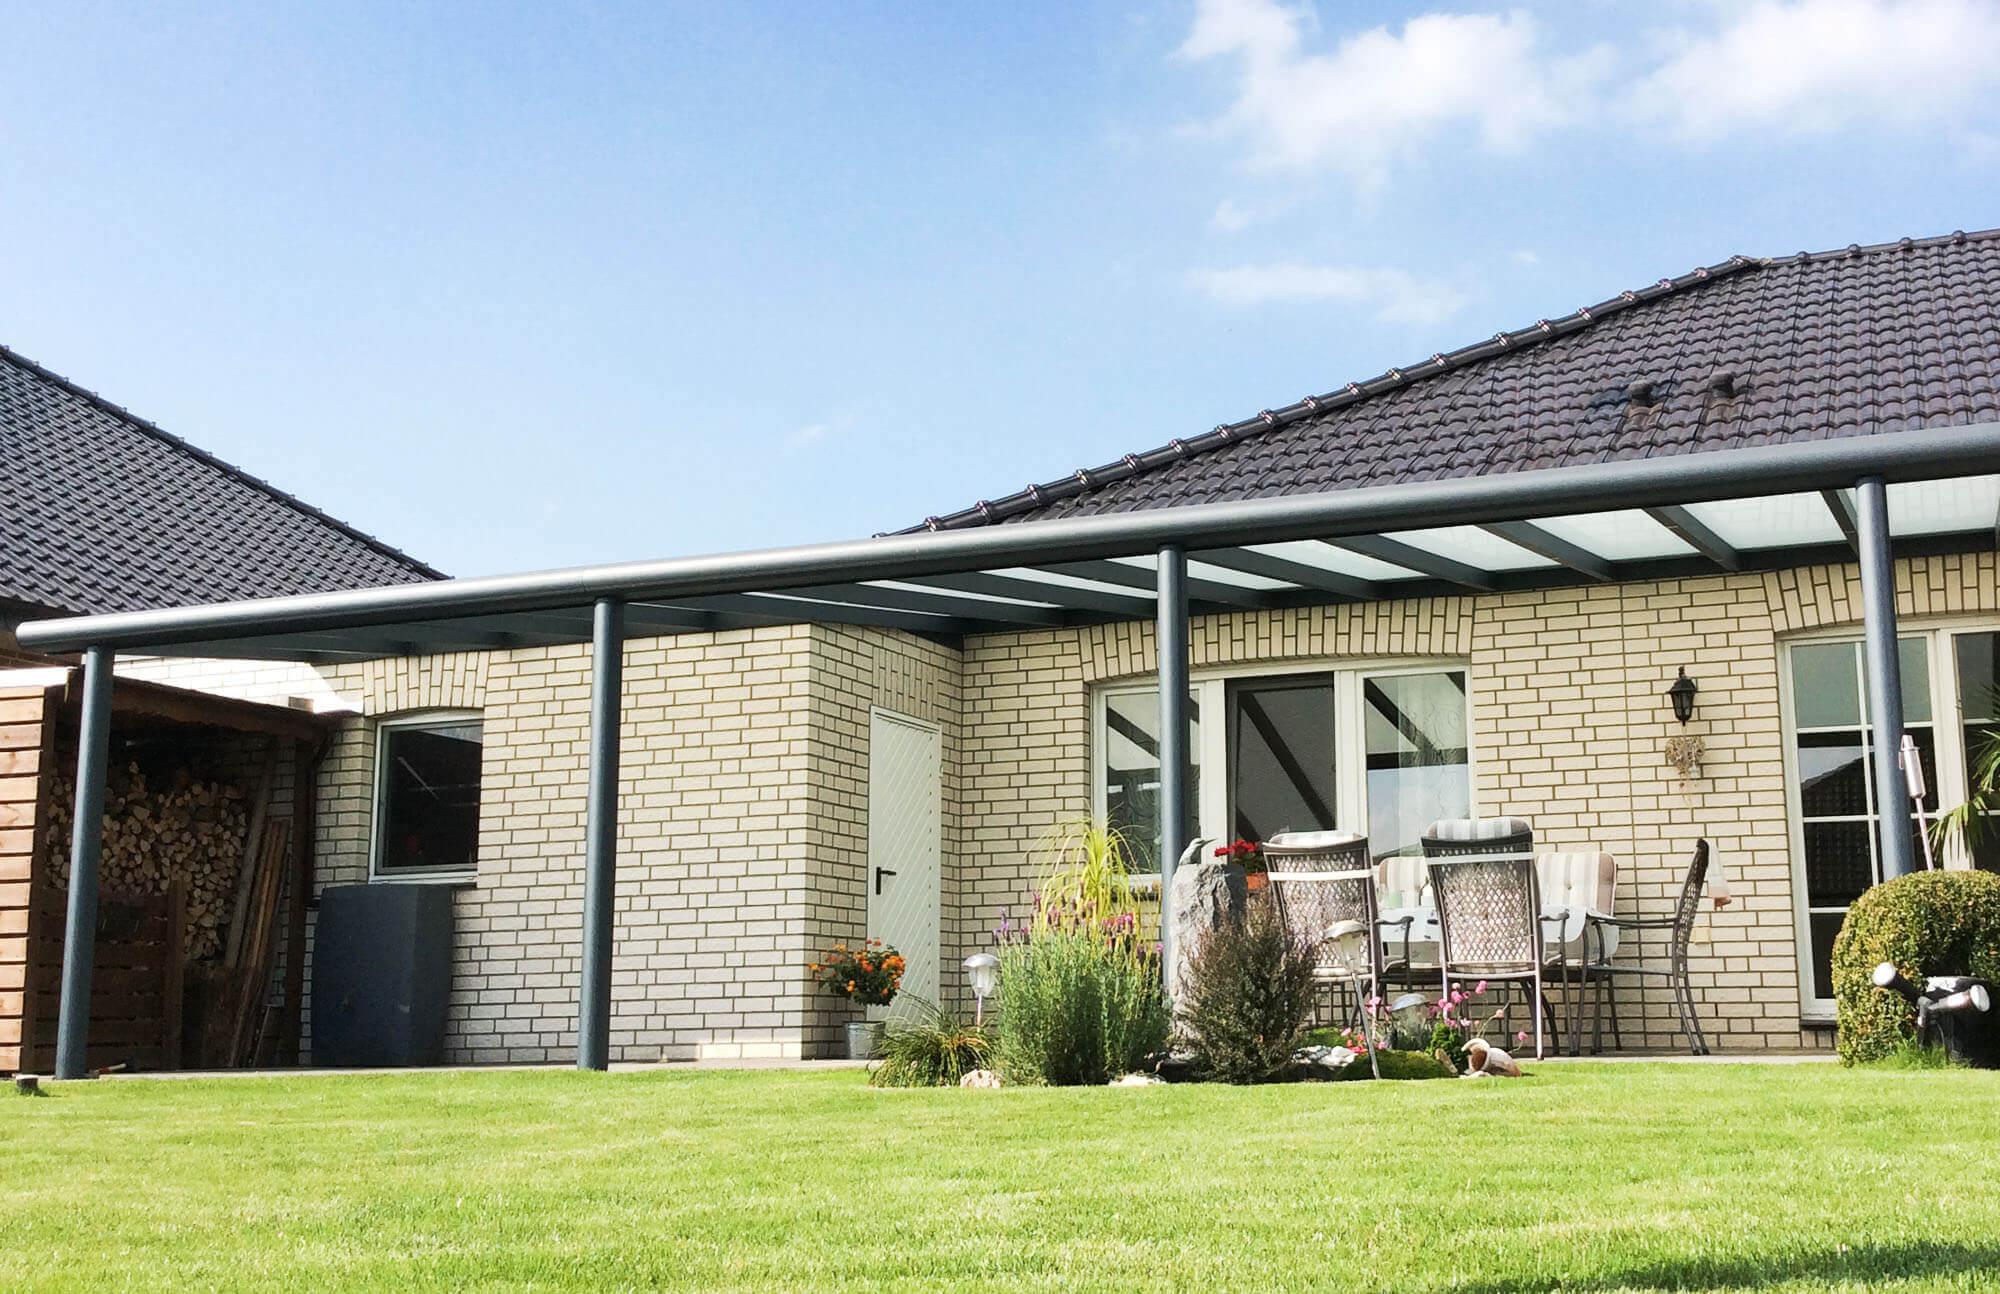 Polycarbonat Terrassenüberdachung mit milchiger Überdachung